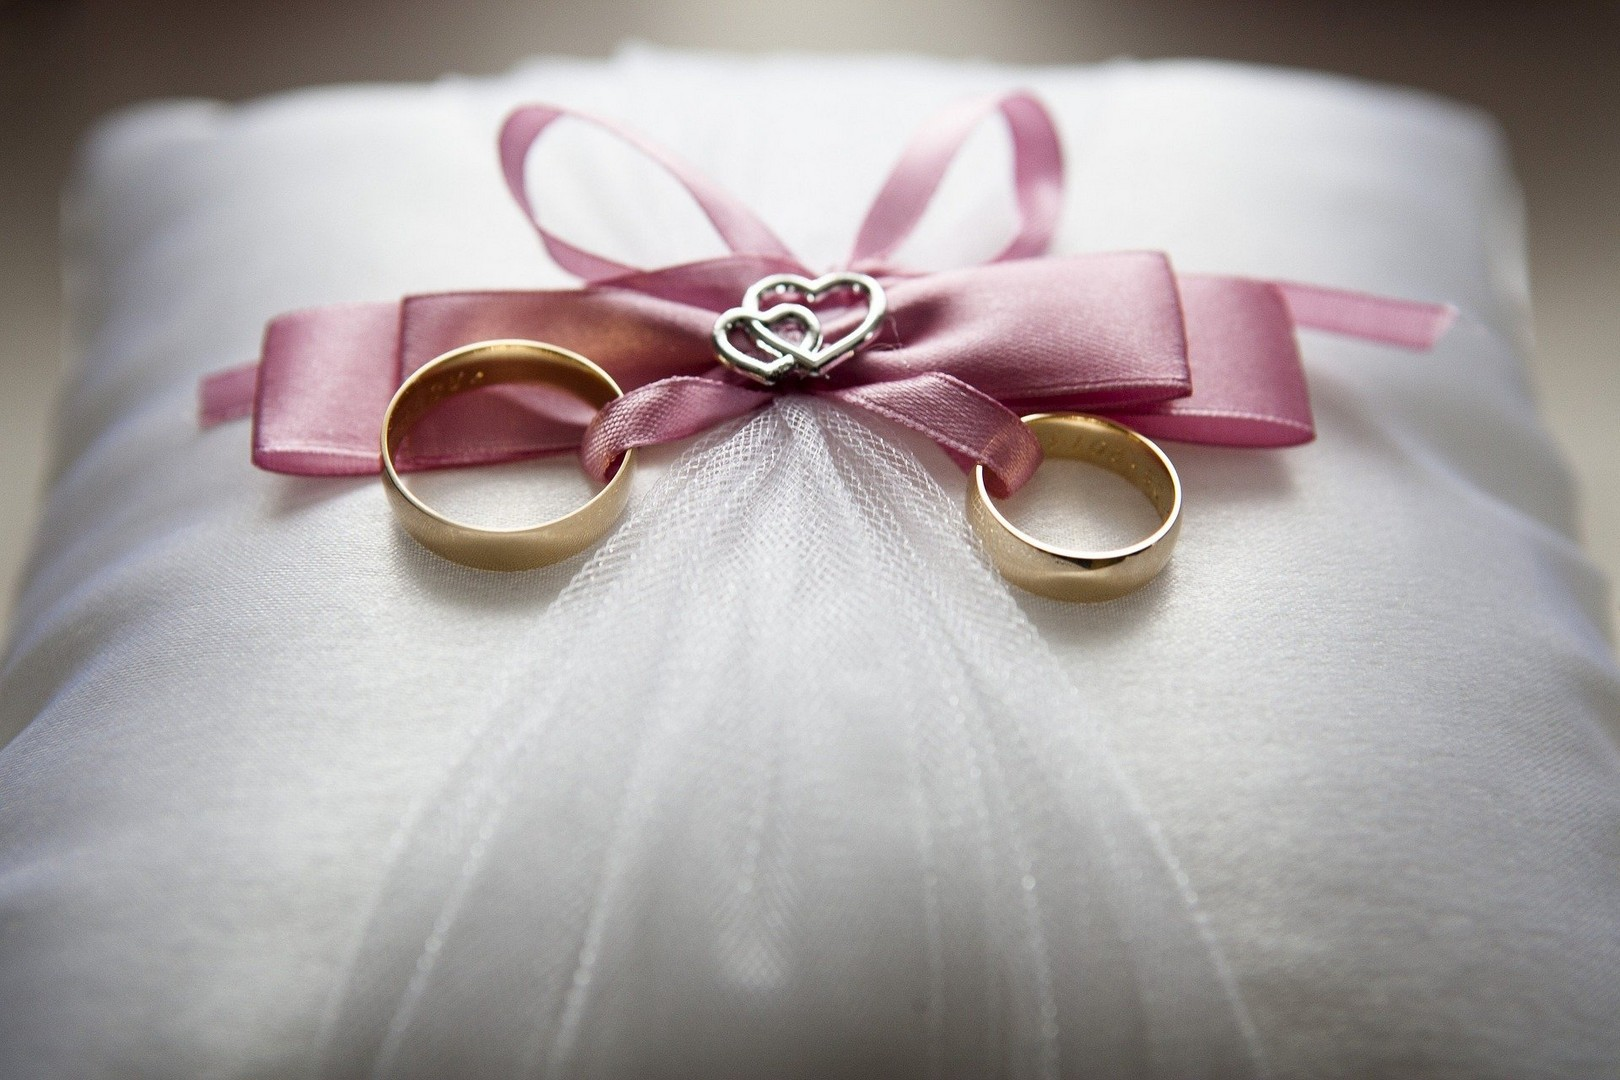 Обручальное кольцо после развода: что с ним делать, можно ли носить, правила хранения